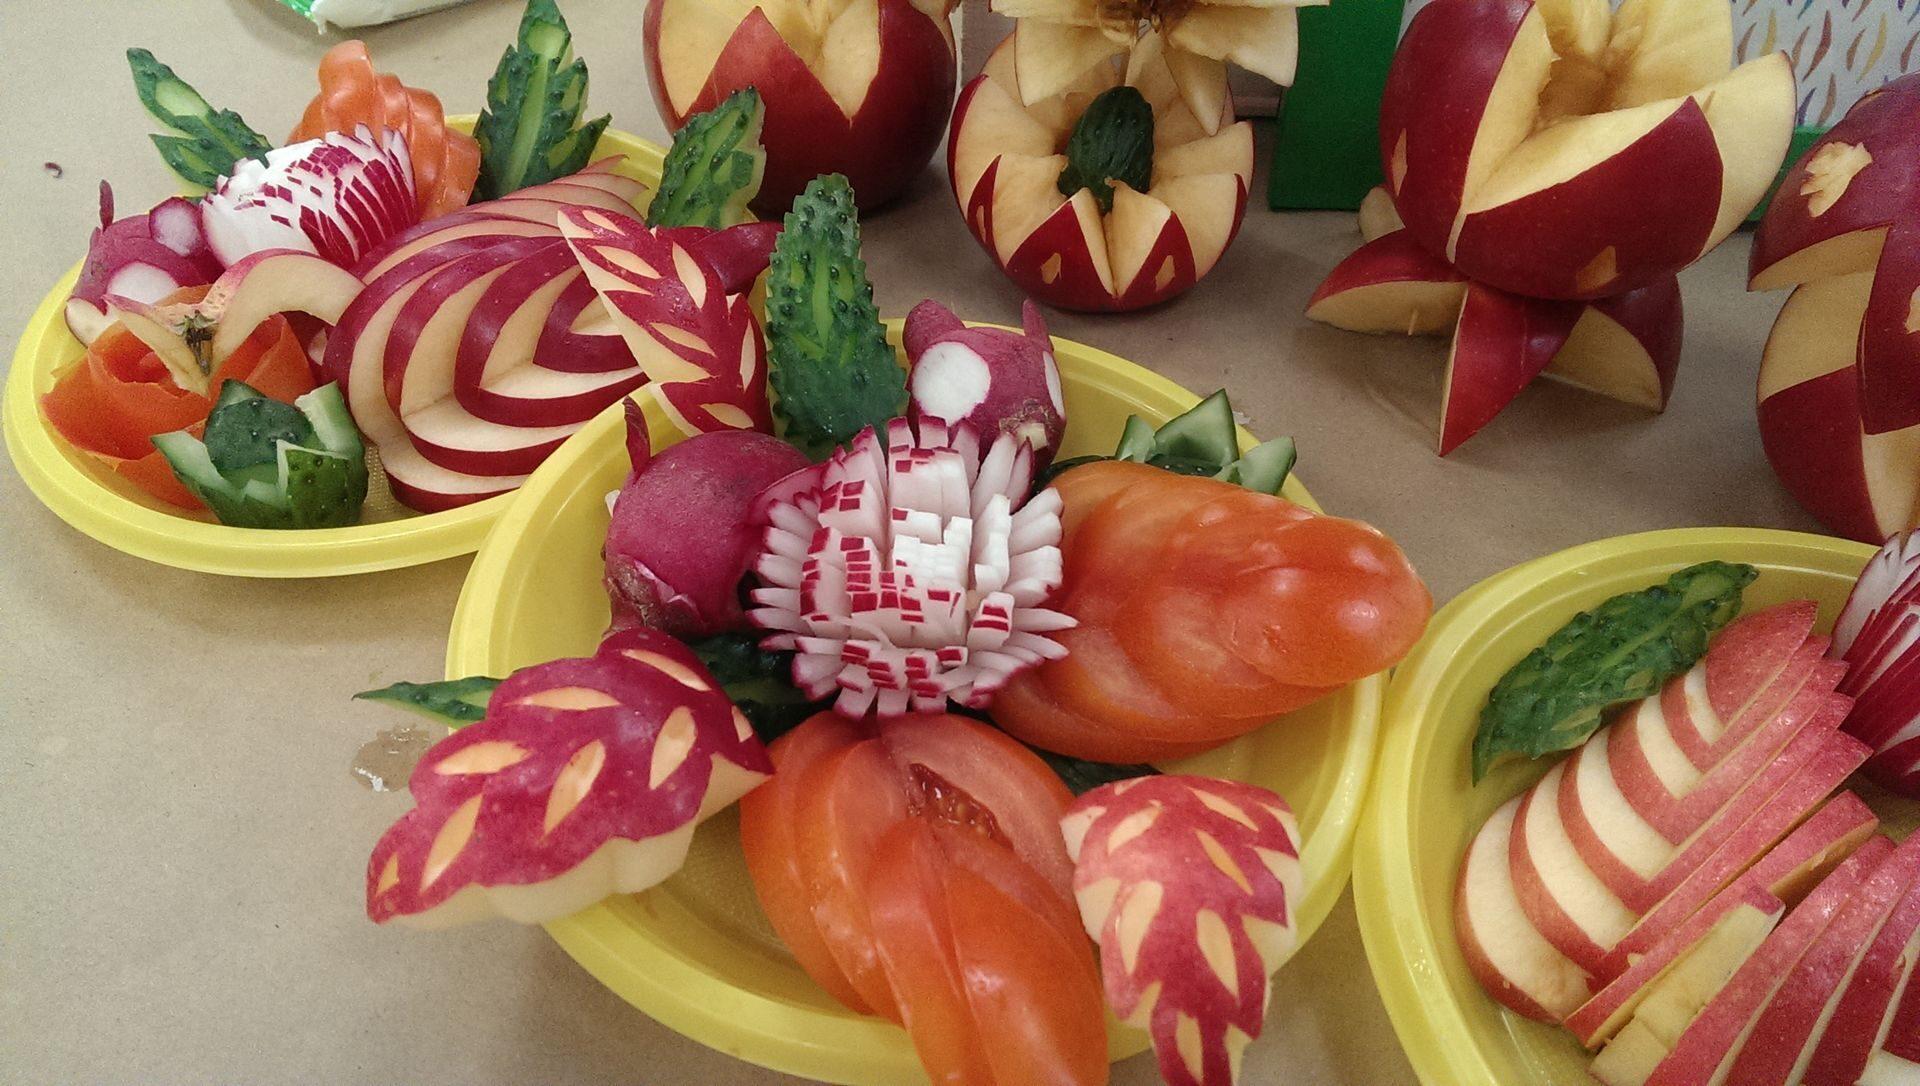 Мастер класс по украшению блюд (несложный) украшение блюд своими руками 53